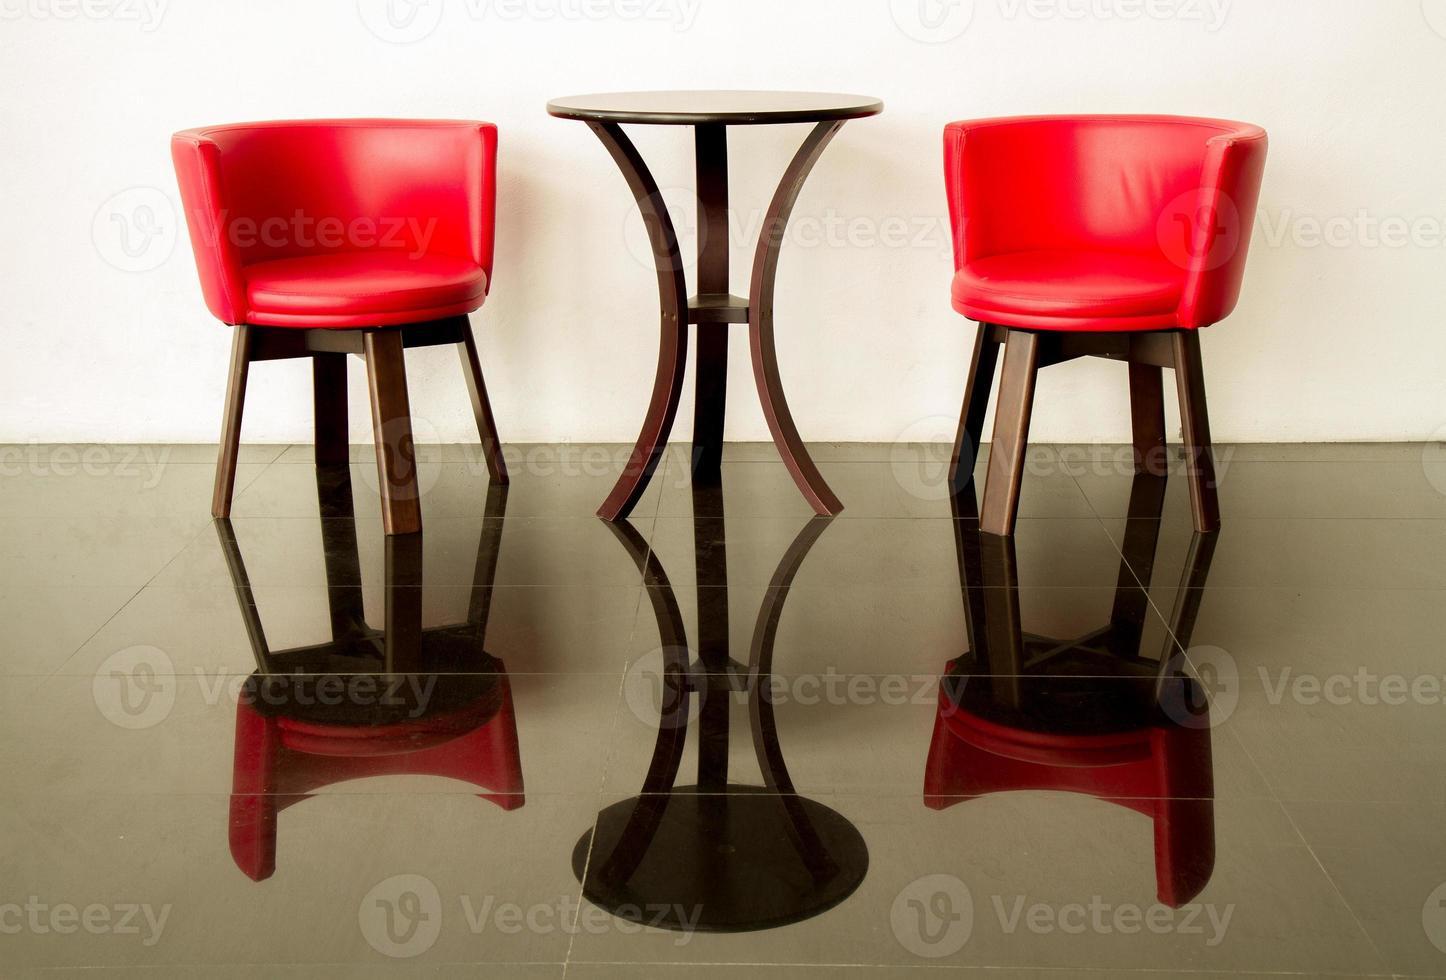 moderne rode stoel en betonnen muur foto